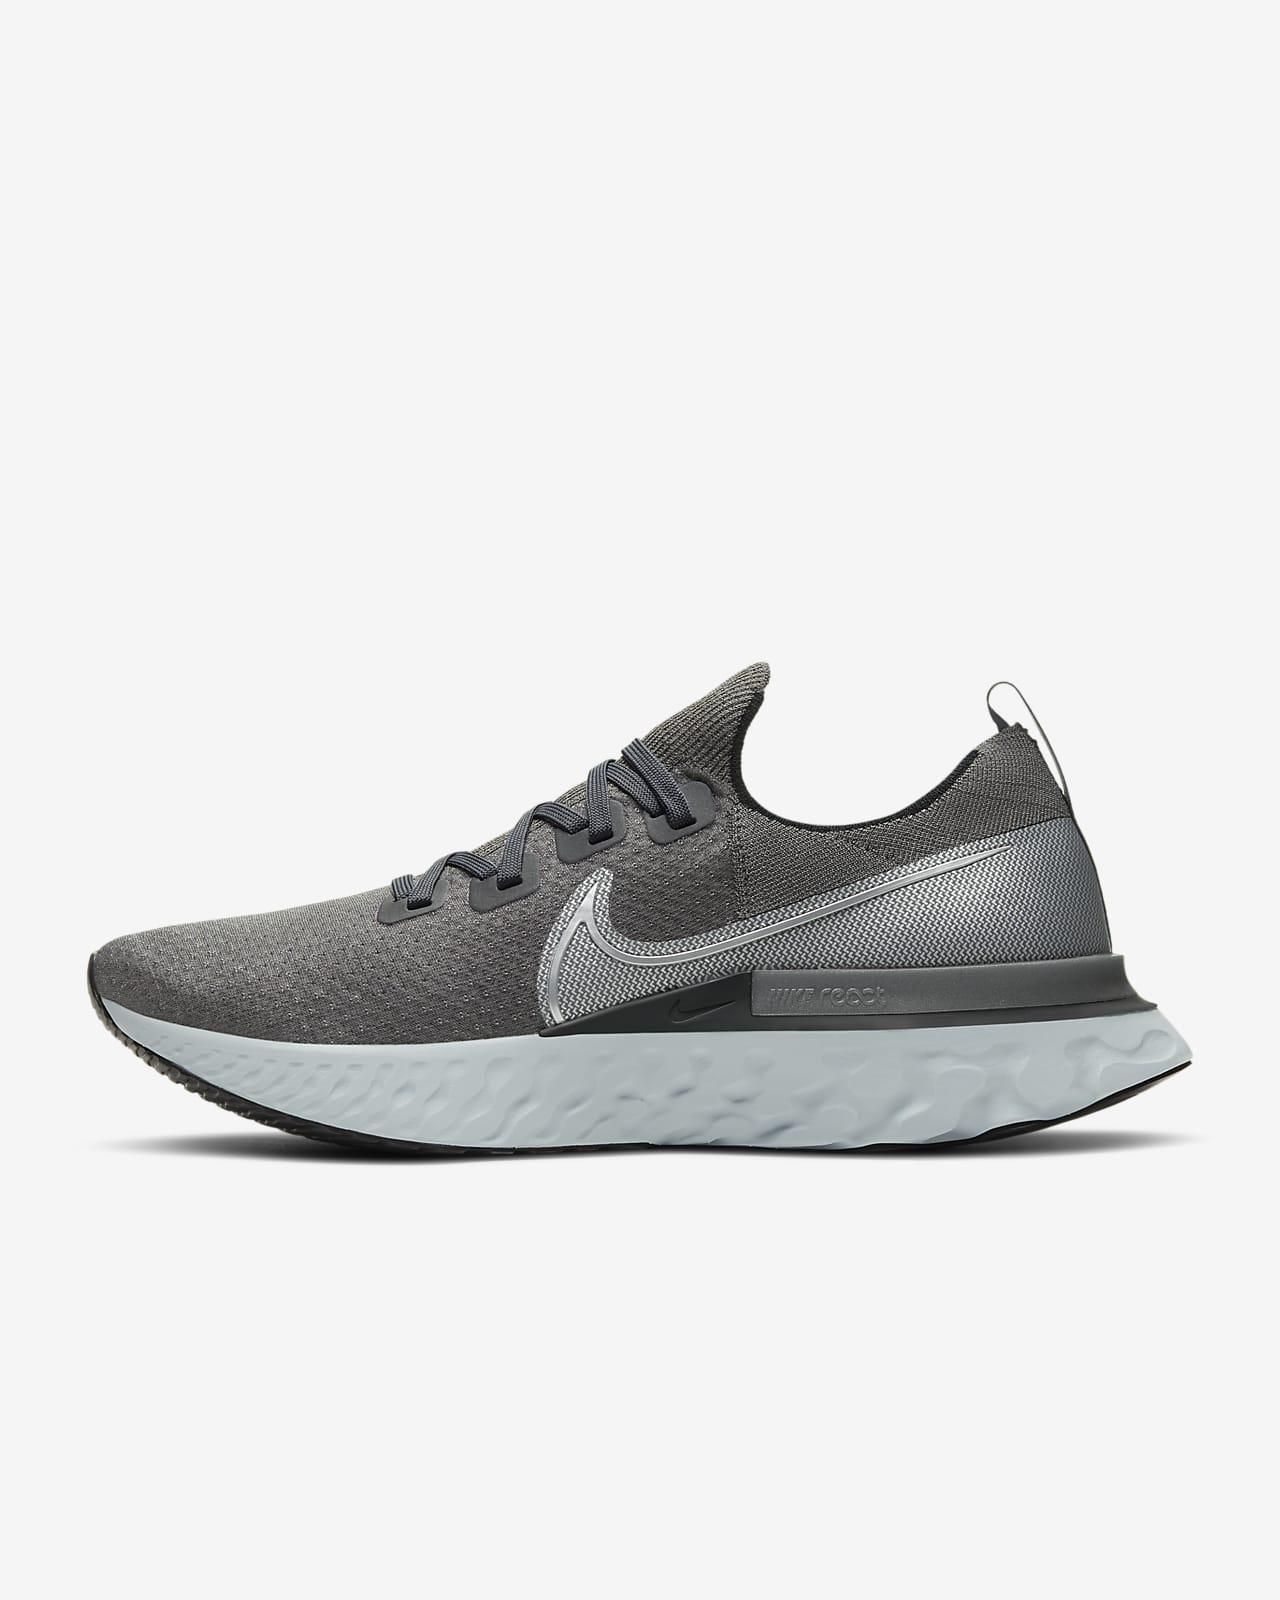 Ανδρικό παπούτσι για τρέξιμο Nike React Infinity Run Flyknit